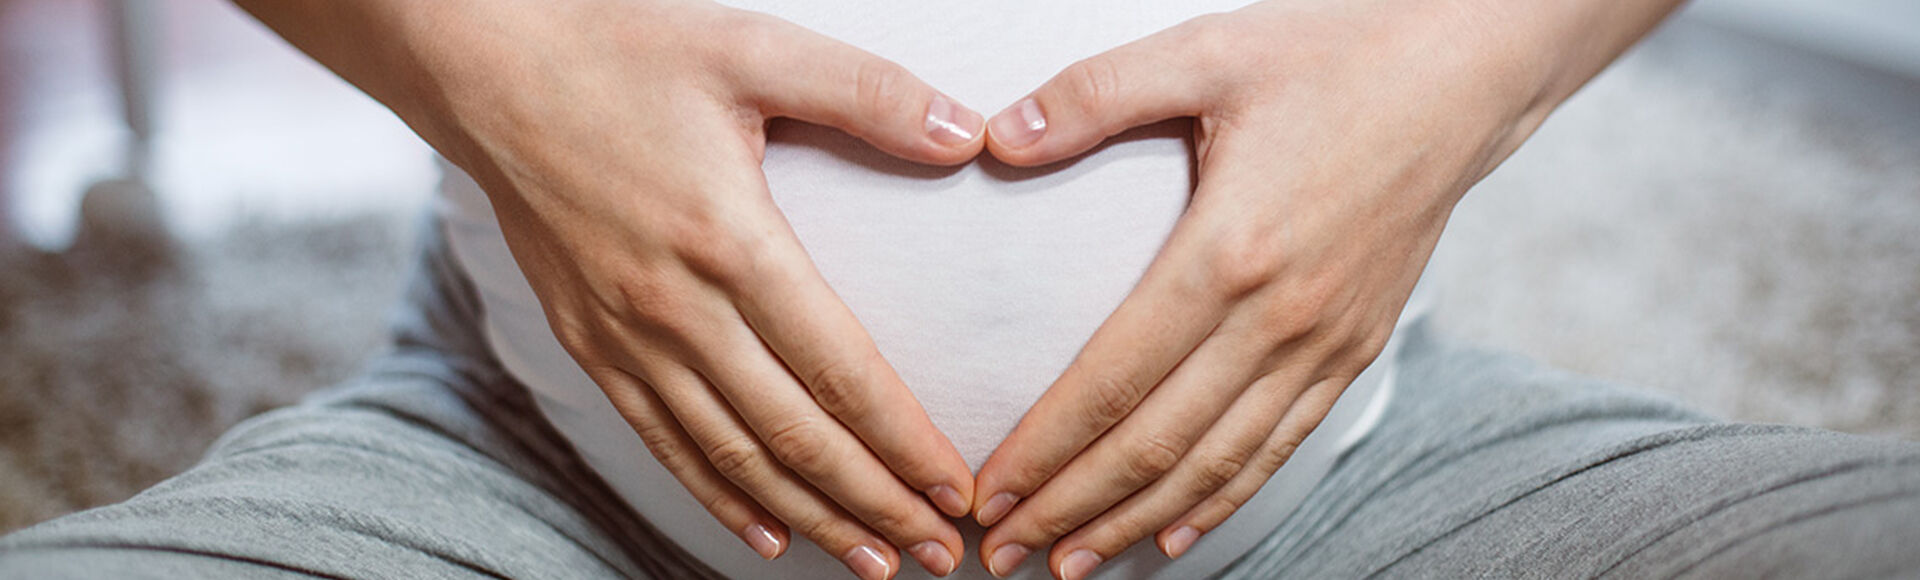 ¿Qué color es el flujo de una mujer embarazada?  | Más Abrazos by Huggies